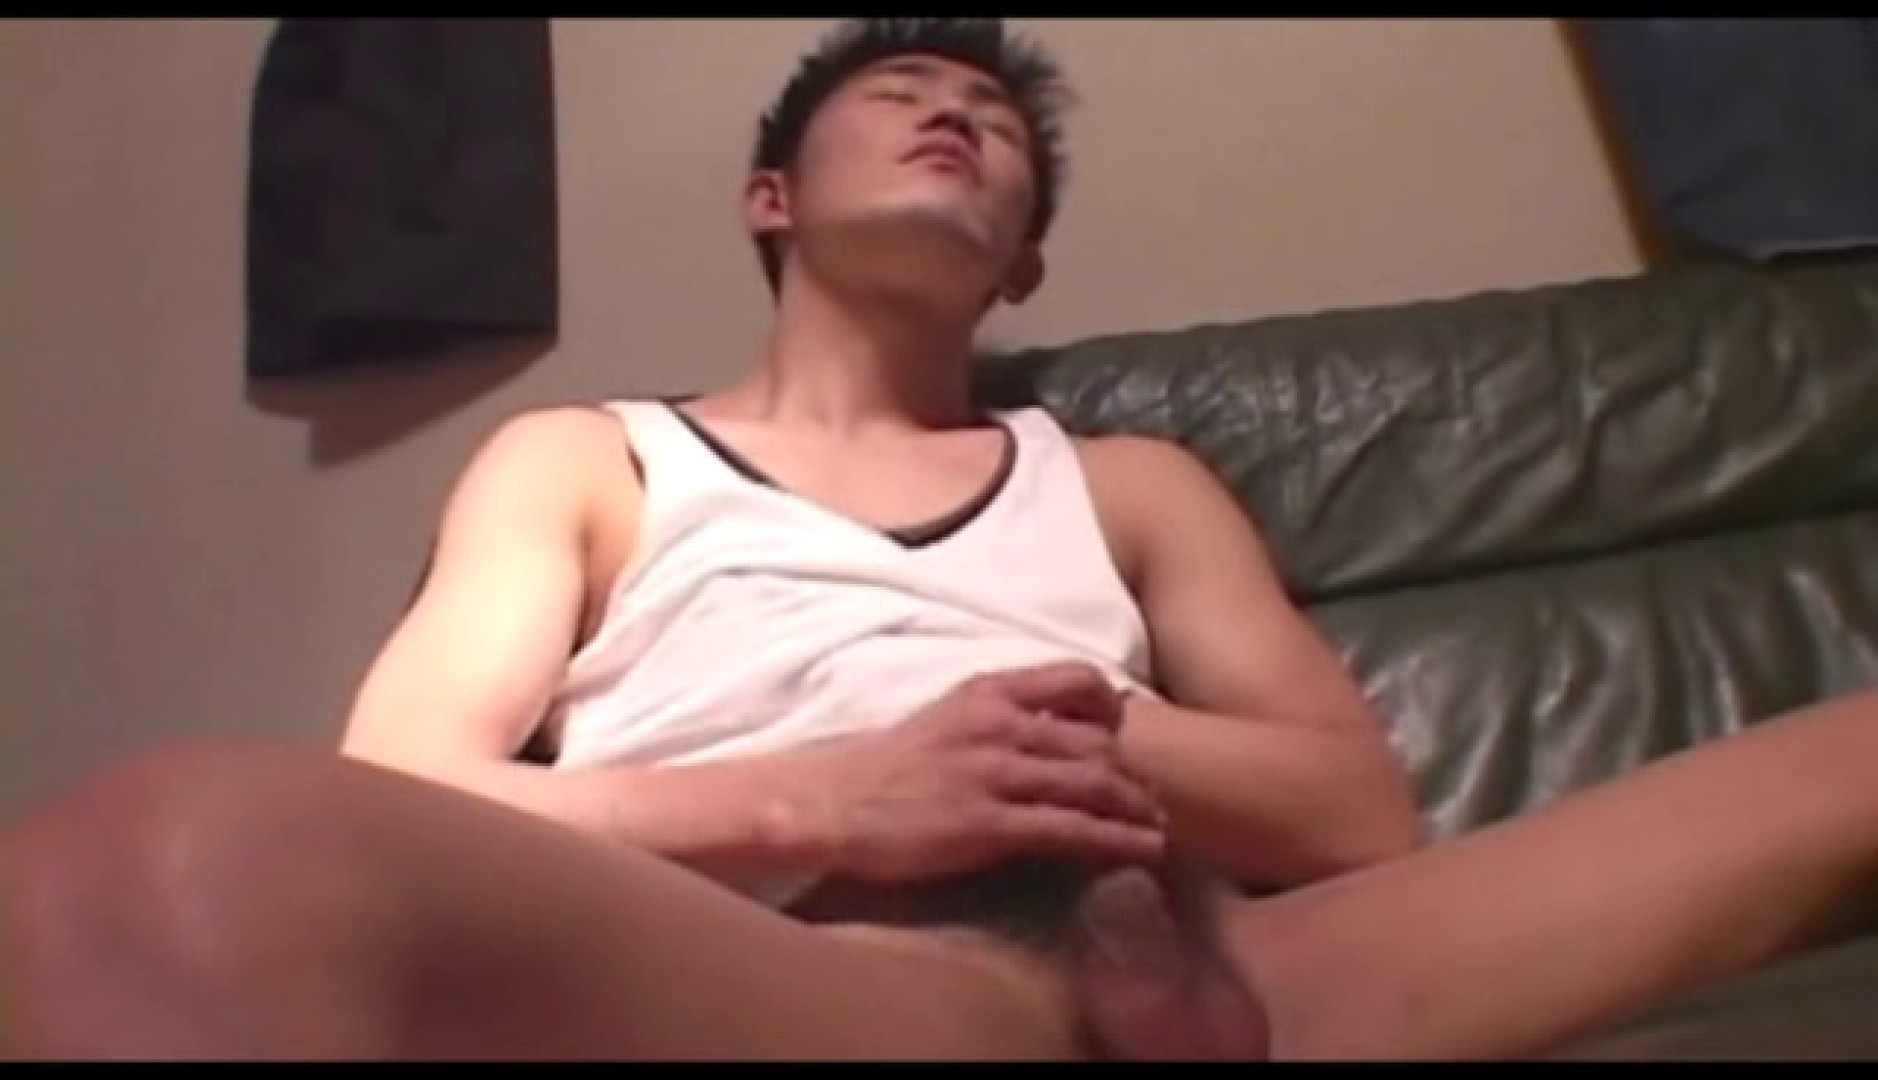 イケメンダブルス!Vol.02 手コキ ゲイヌード画像 95pic 29